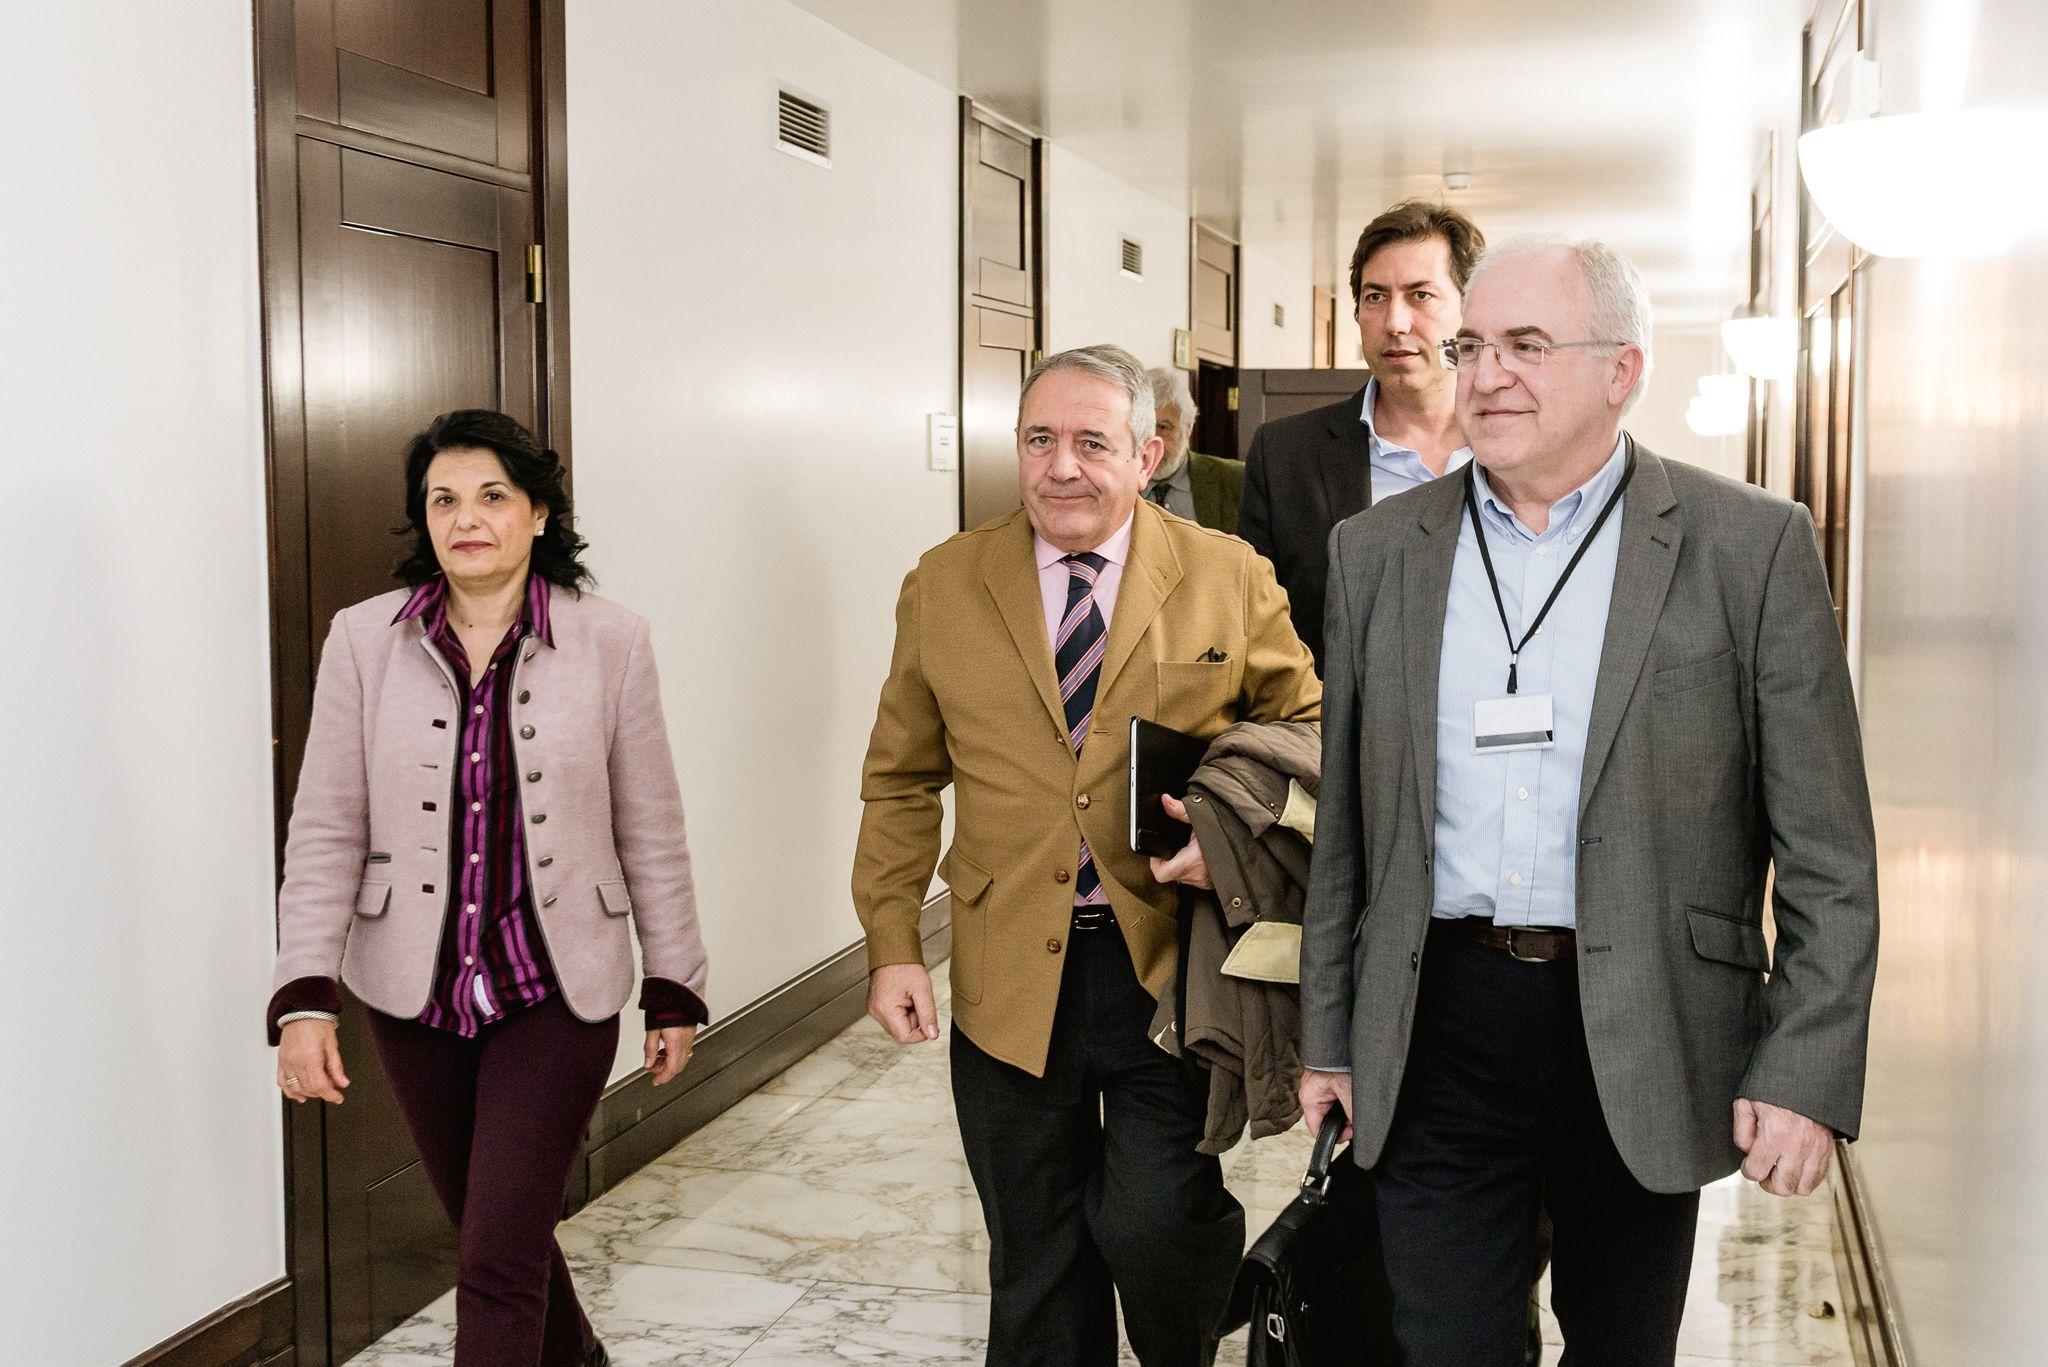 Los representantes de los centros concertados en el Parlamento Vasco antes de su comparecencia.